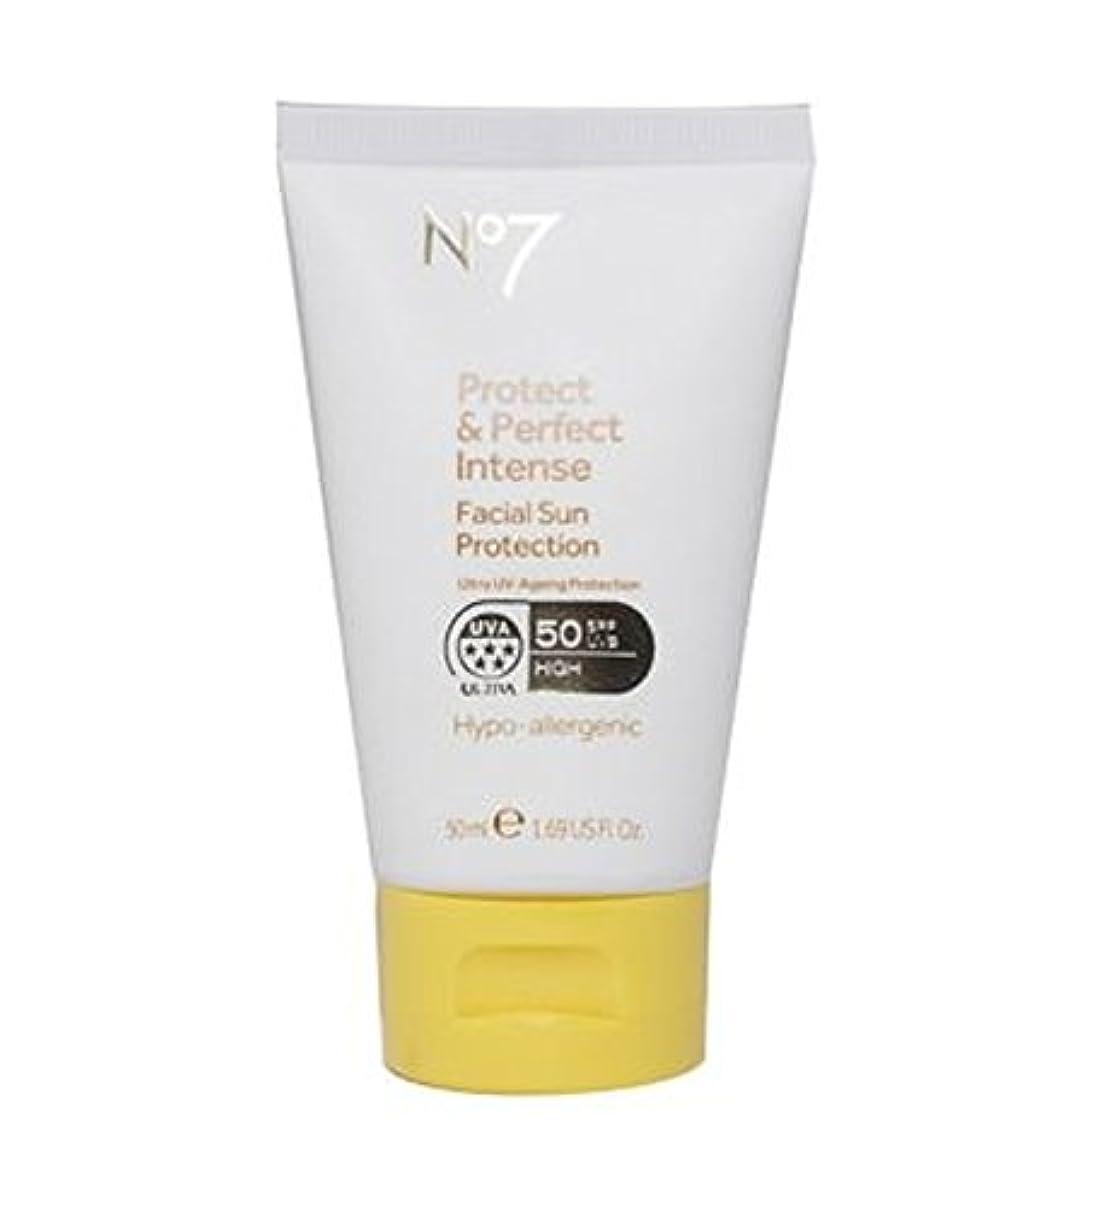 チャンピオンスムーズに襟No7保護&完璧な強烈な顔の日焼け防止Spf 50 50ミリリットル (No7) (x2) - No7 Protect & Perfect Intense Facial Sun Protection SPF 50 50ml (Pack of 2) [並行輸入品]